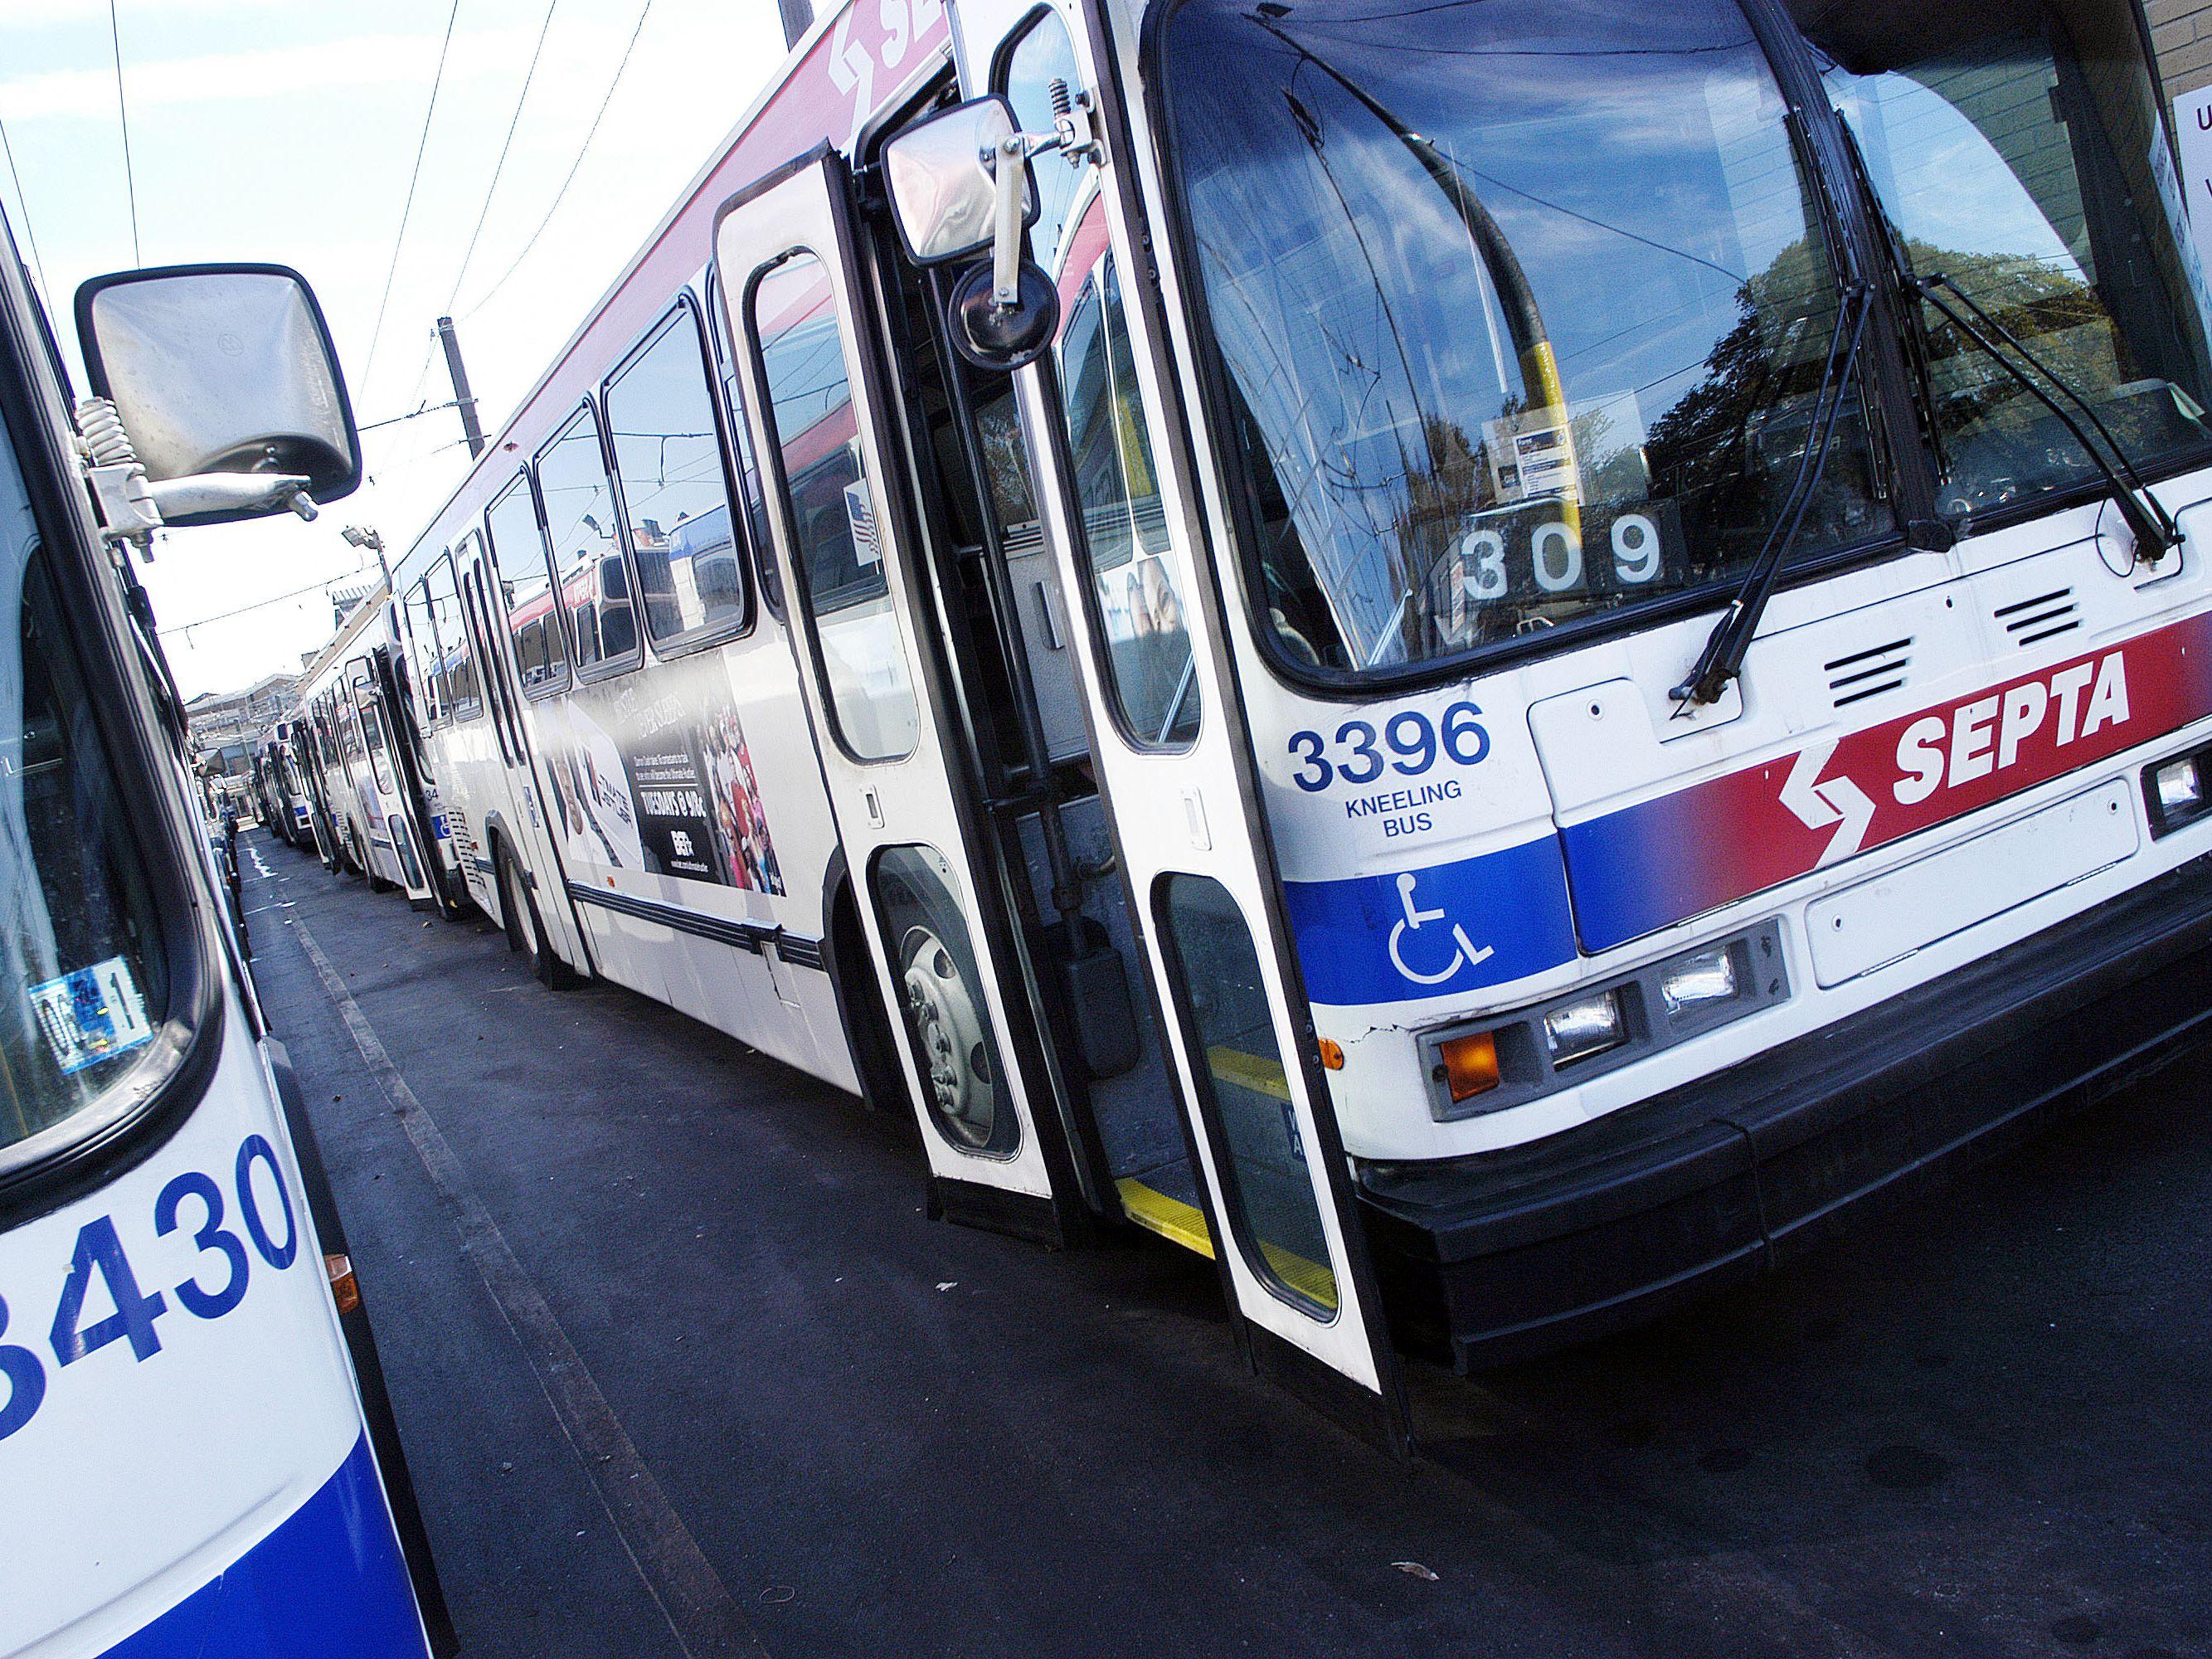 nj transit bus drivers salary